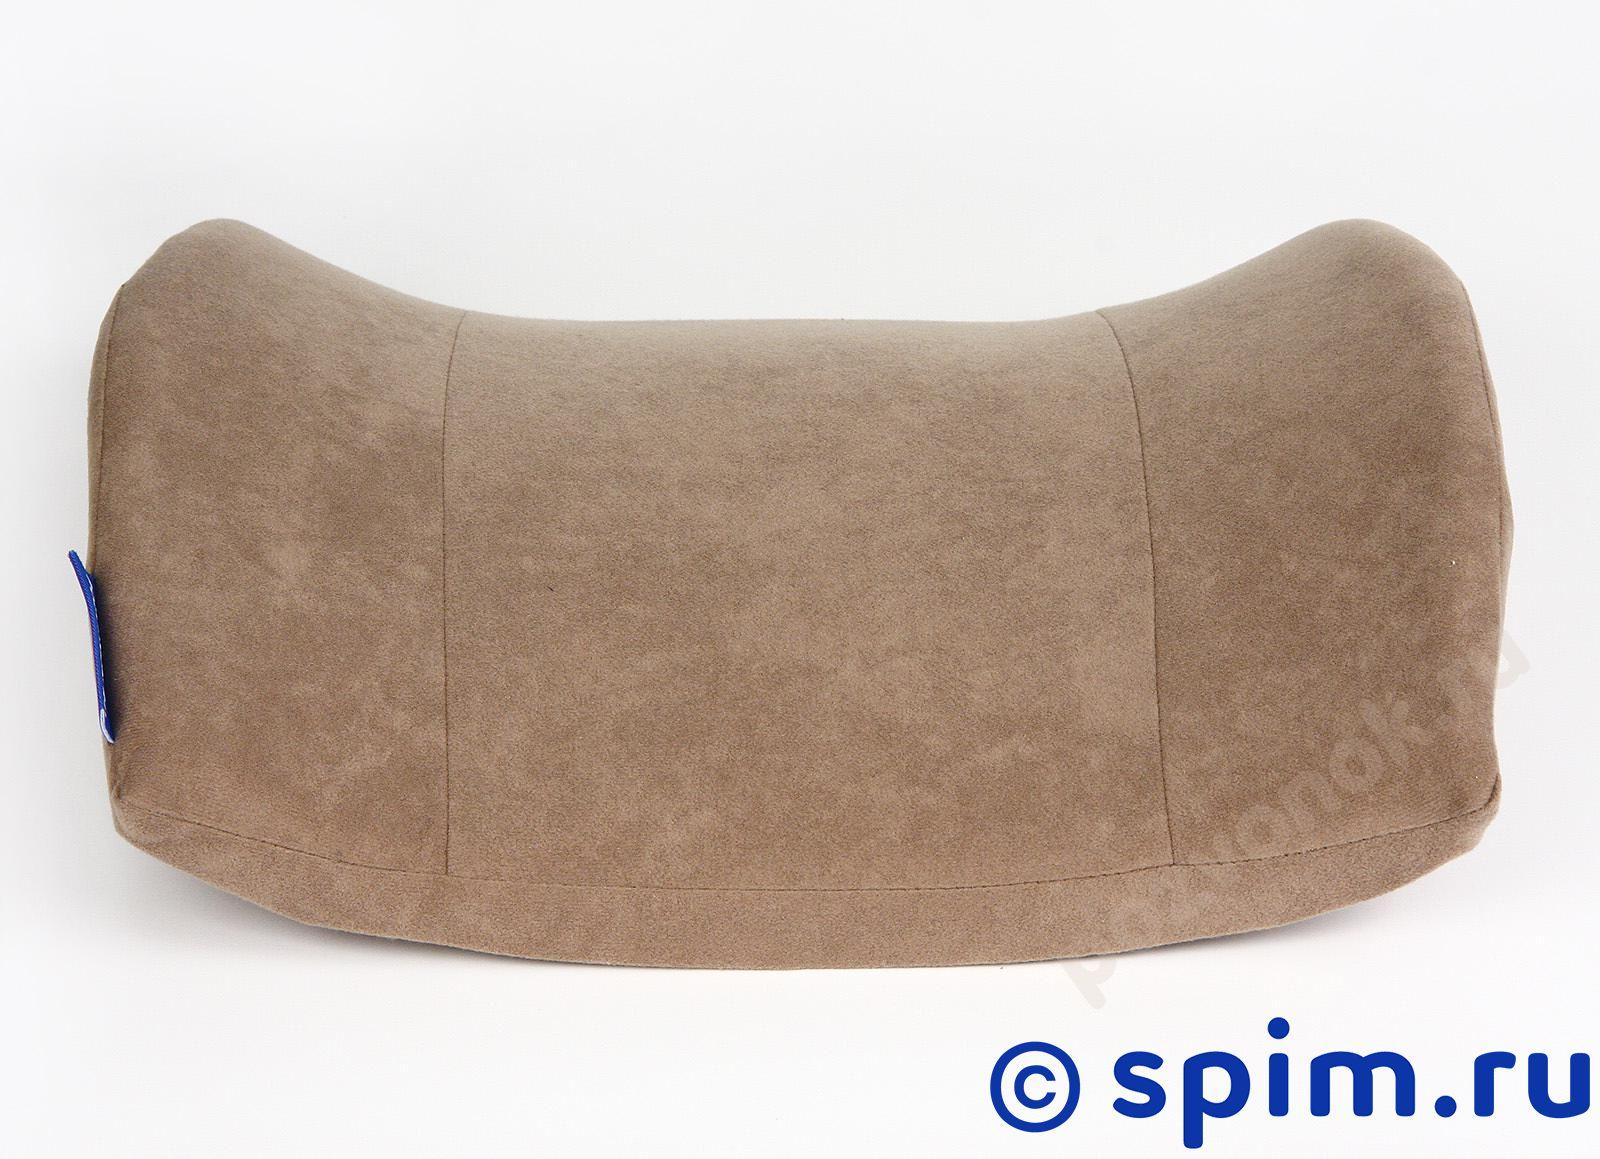 Поясничная подушка Суппорт-Комфорт от spim.ru